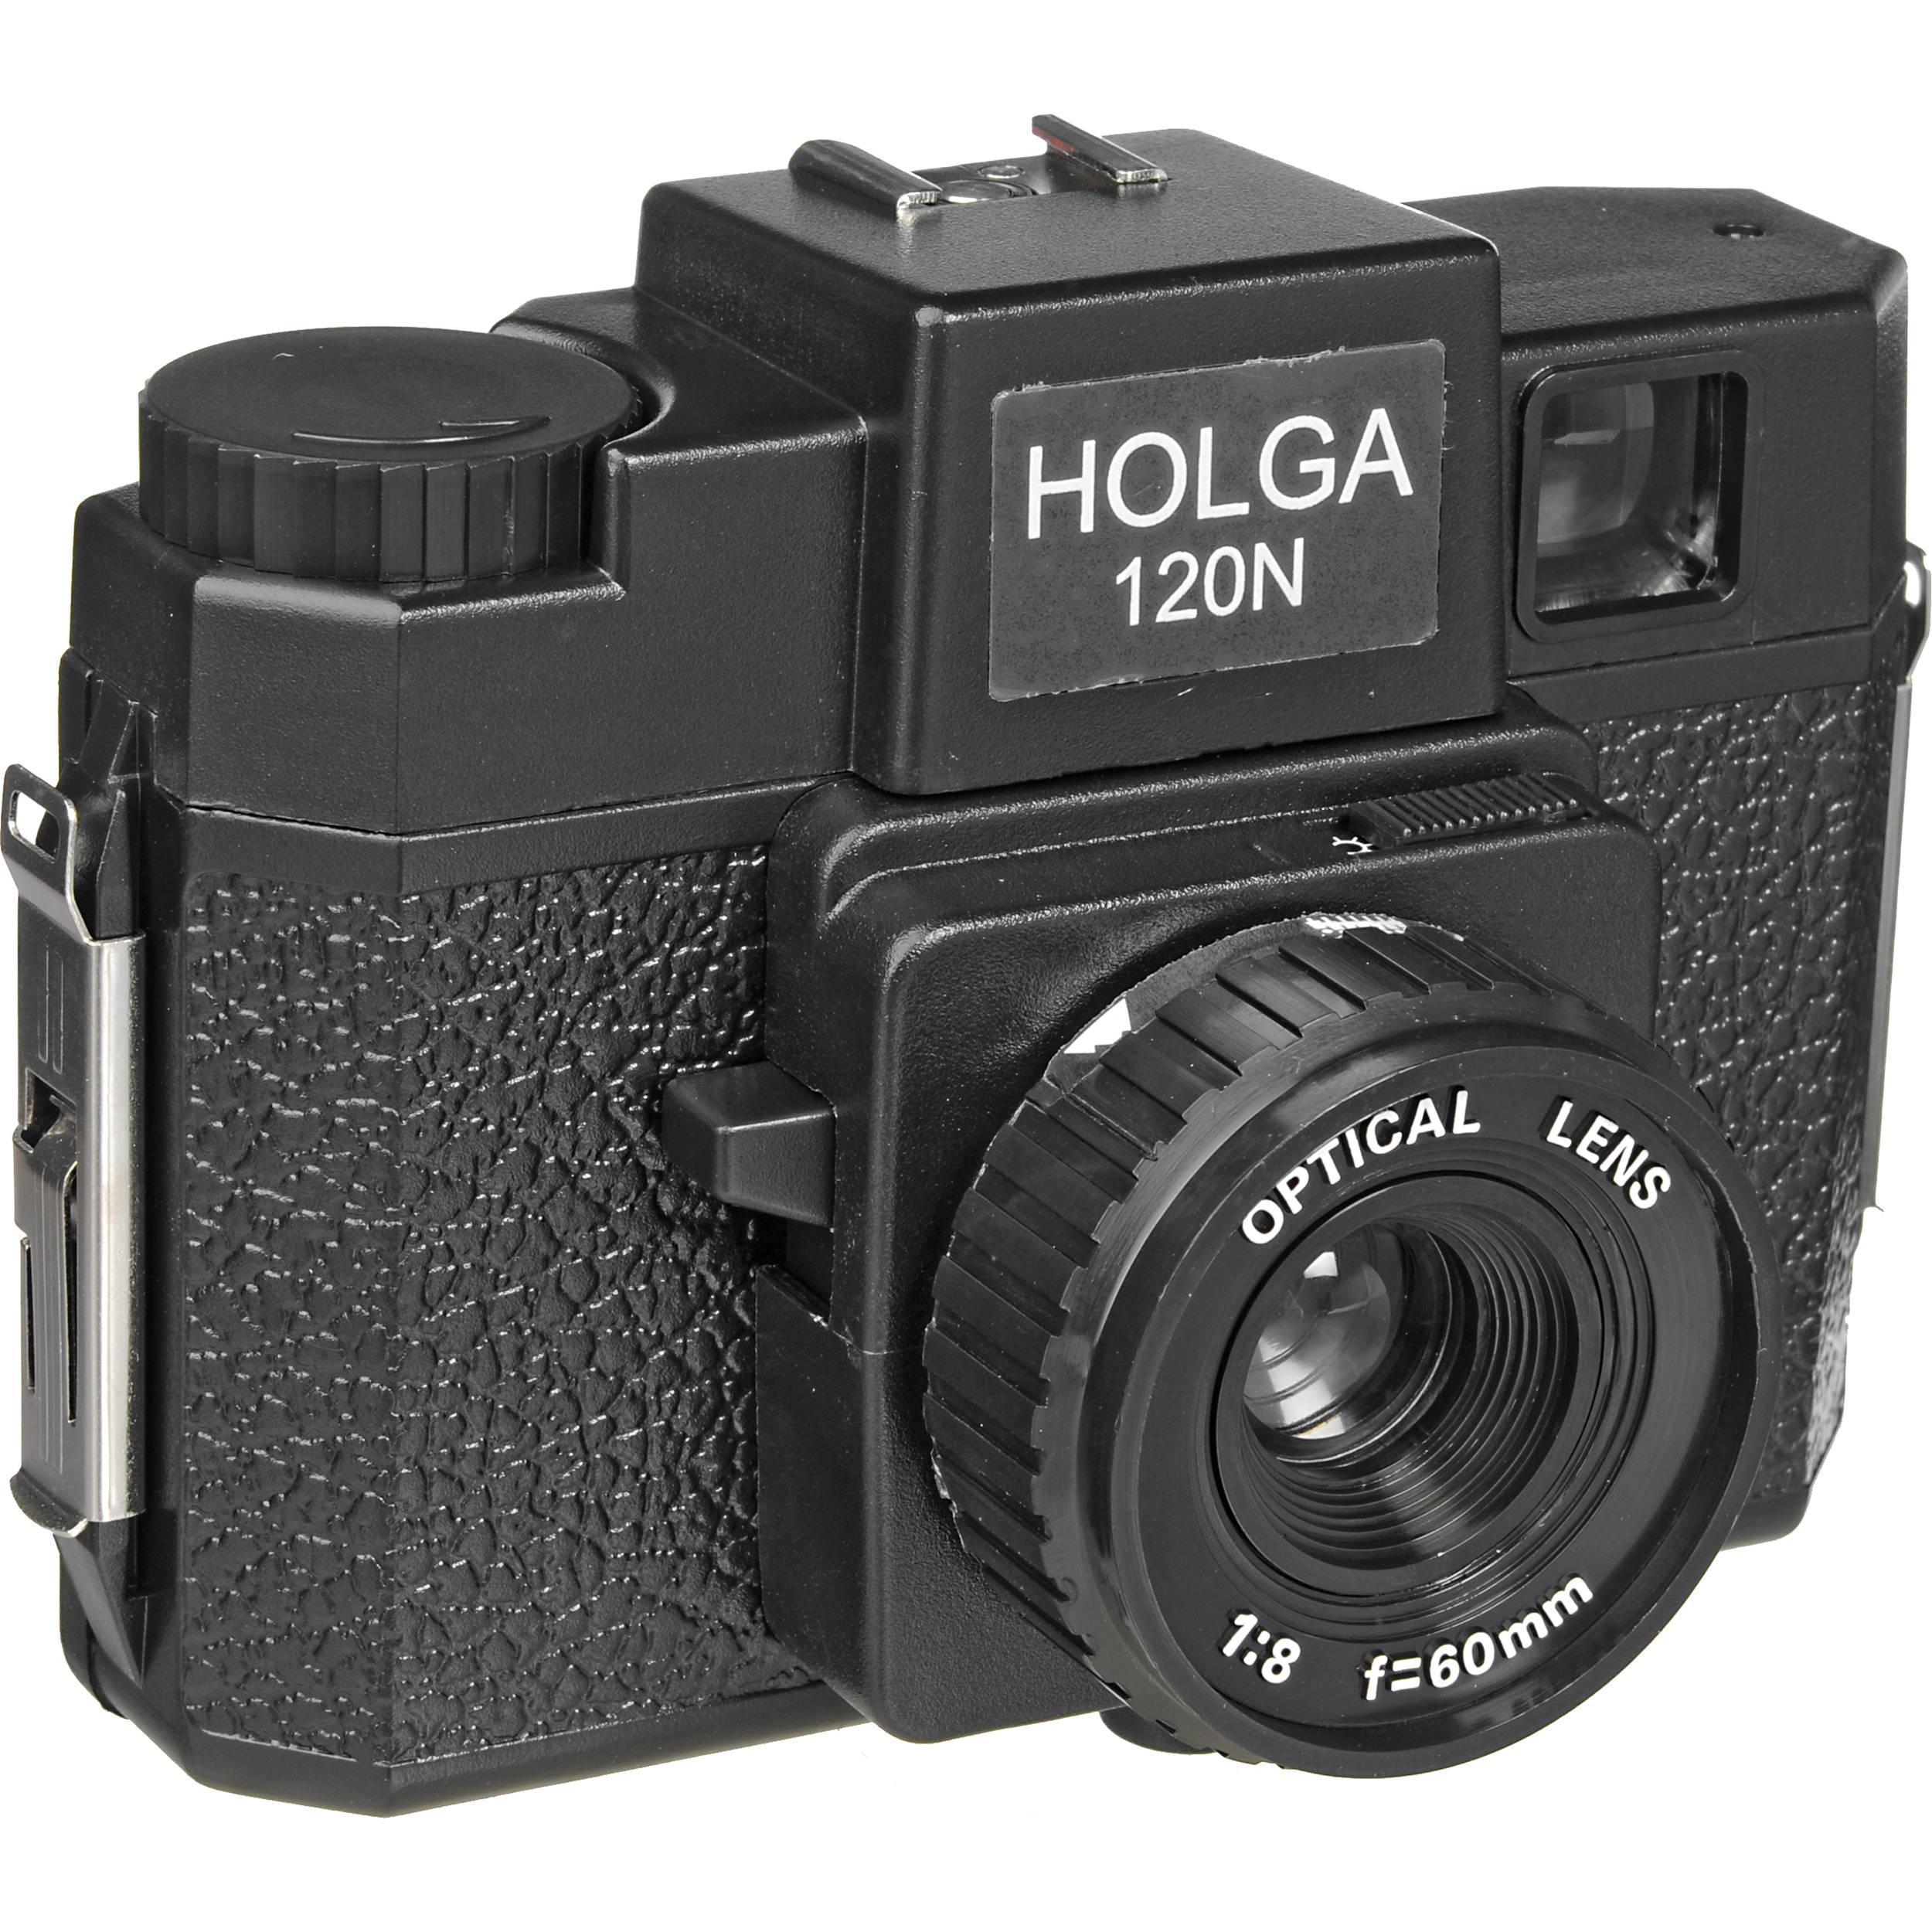 Image result for holga 120n